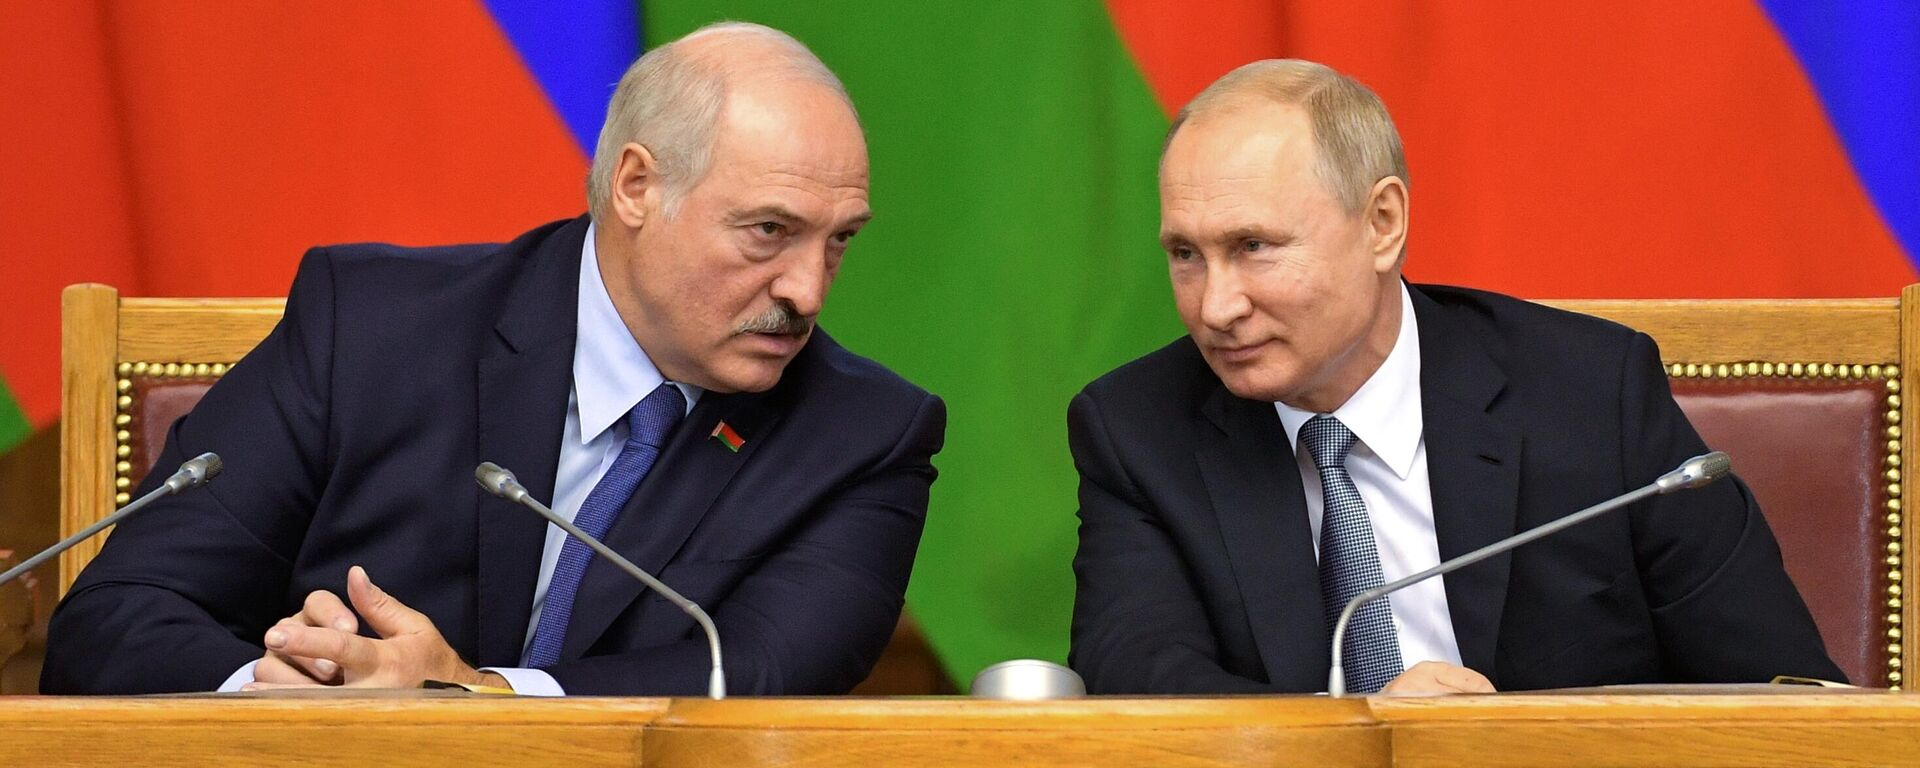 Президент РФ Владимир Путин и президент Беларуси Александр Лукашенко, архивное фото - Sputnik Латвия, 1920, 01.07.2021